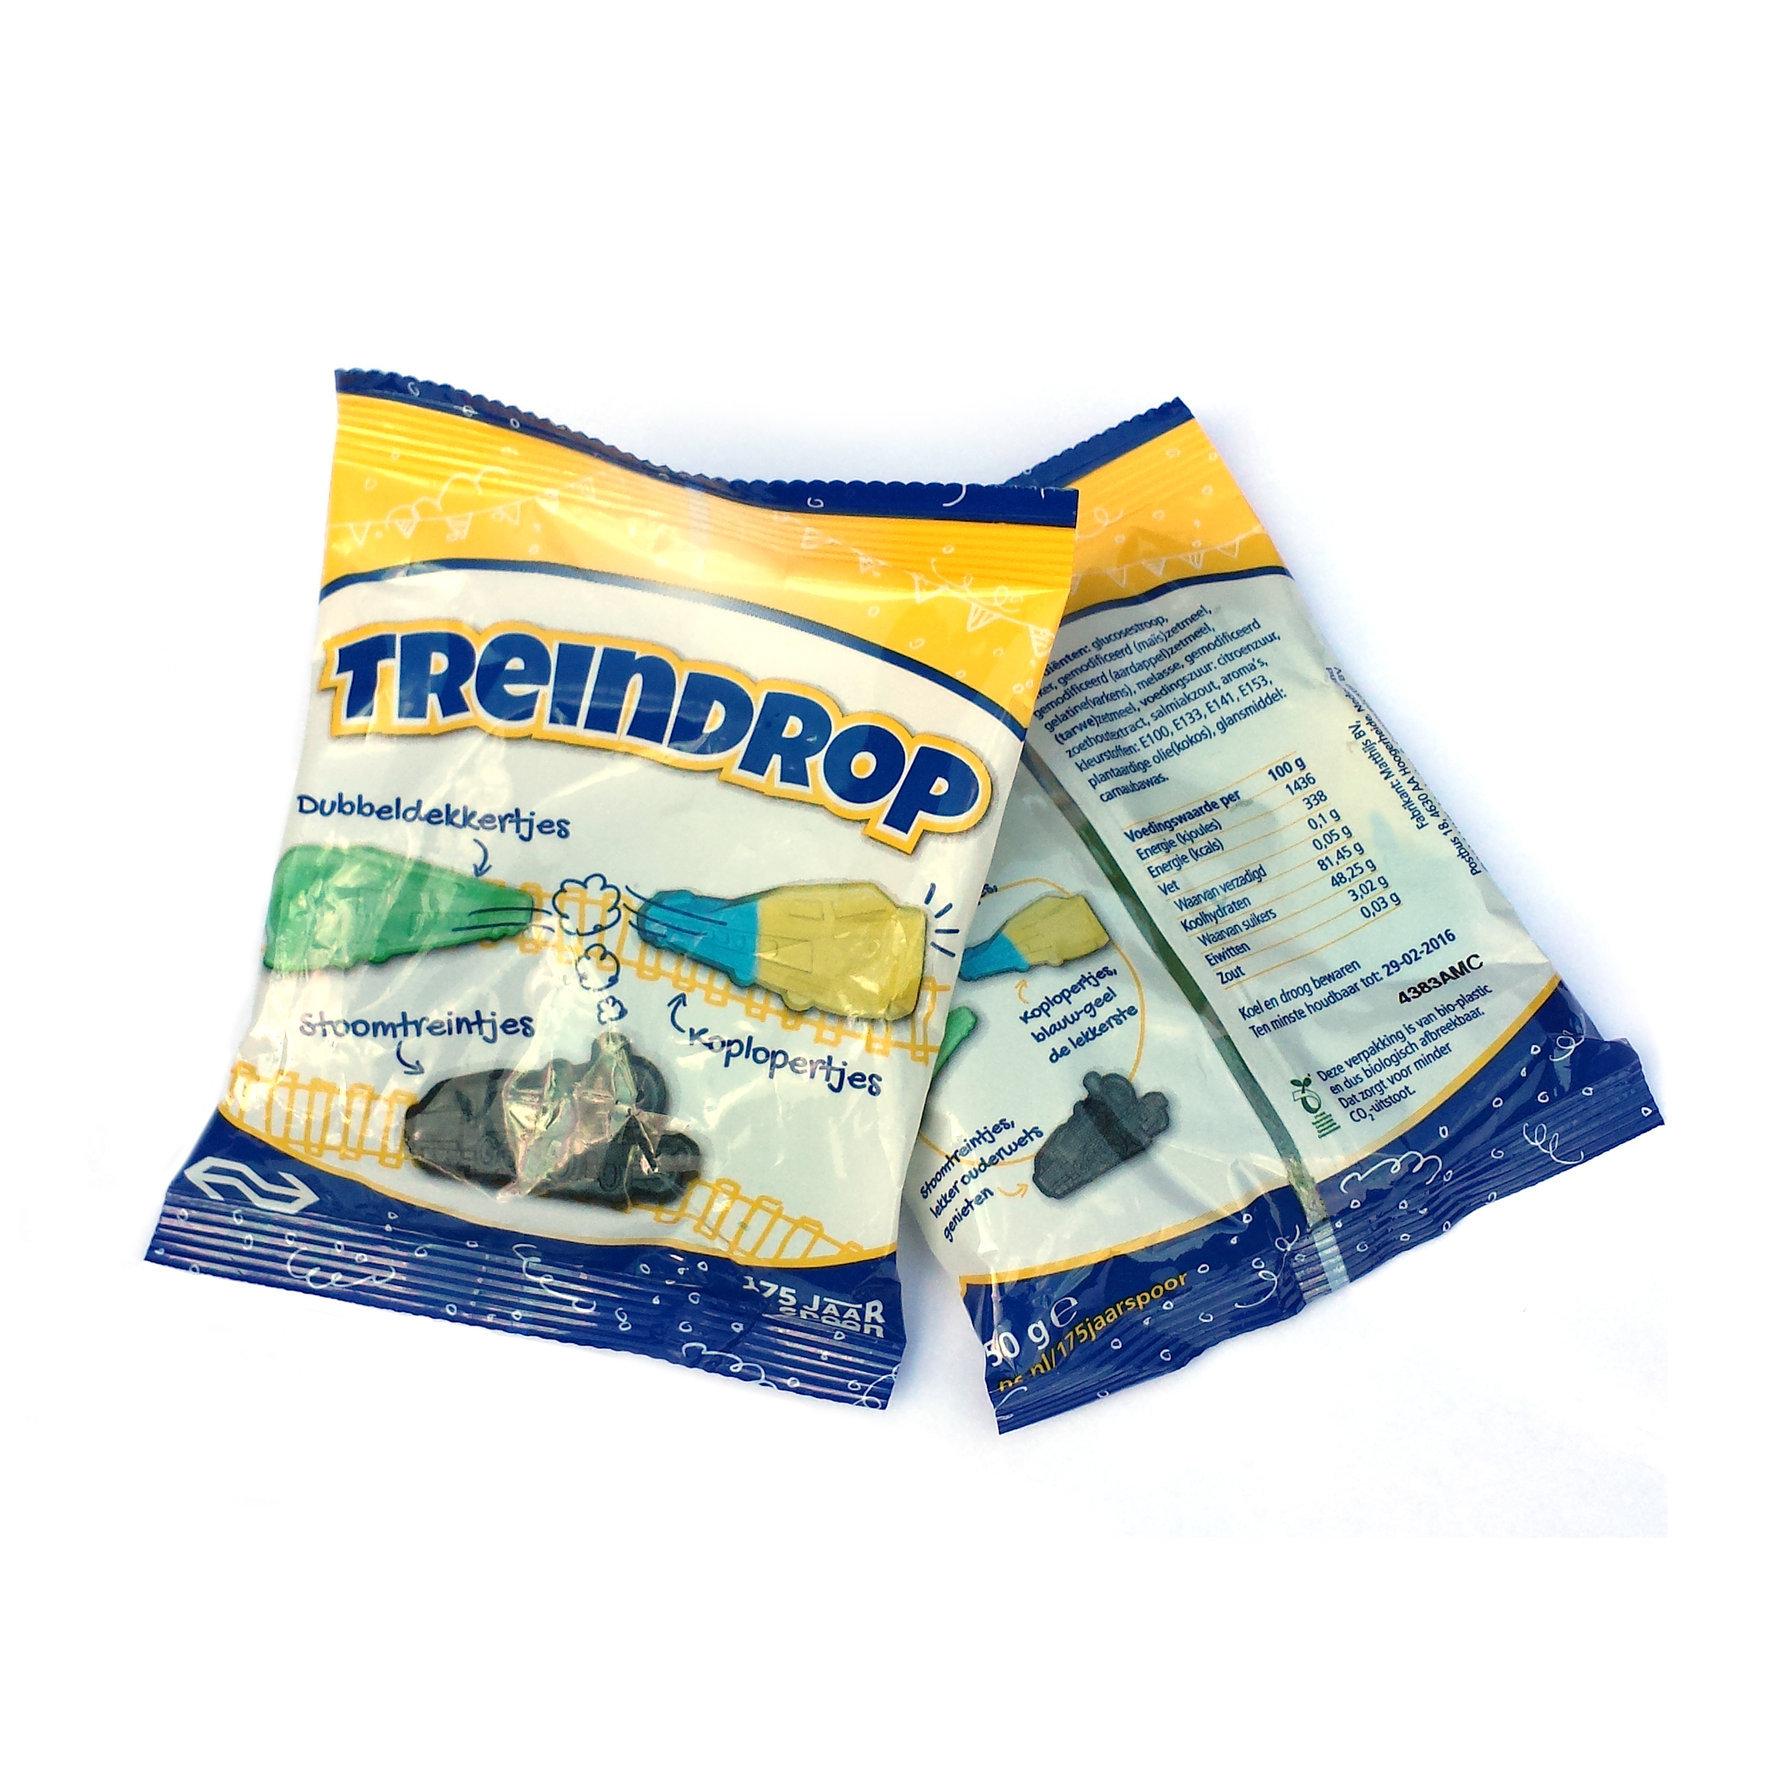 Verpakking Treindrop